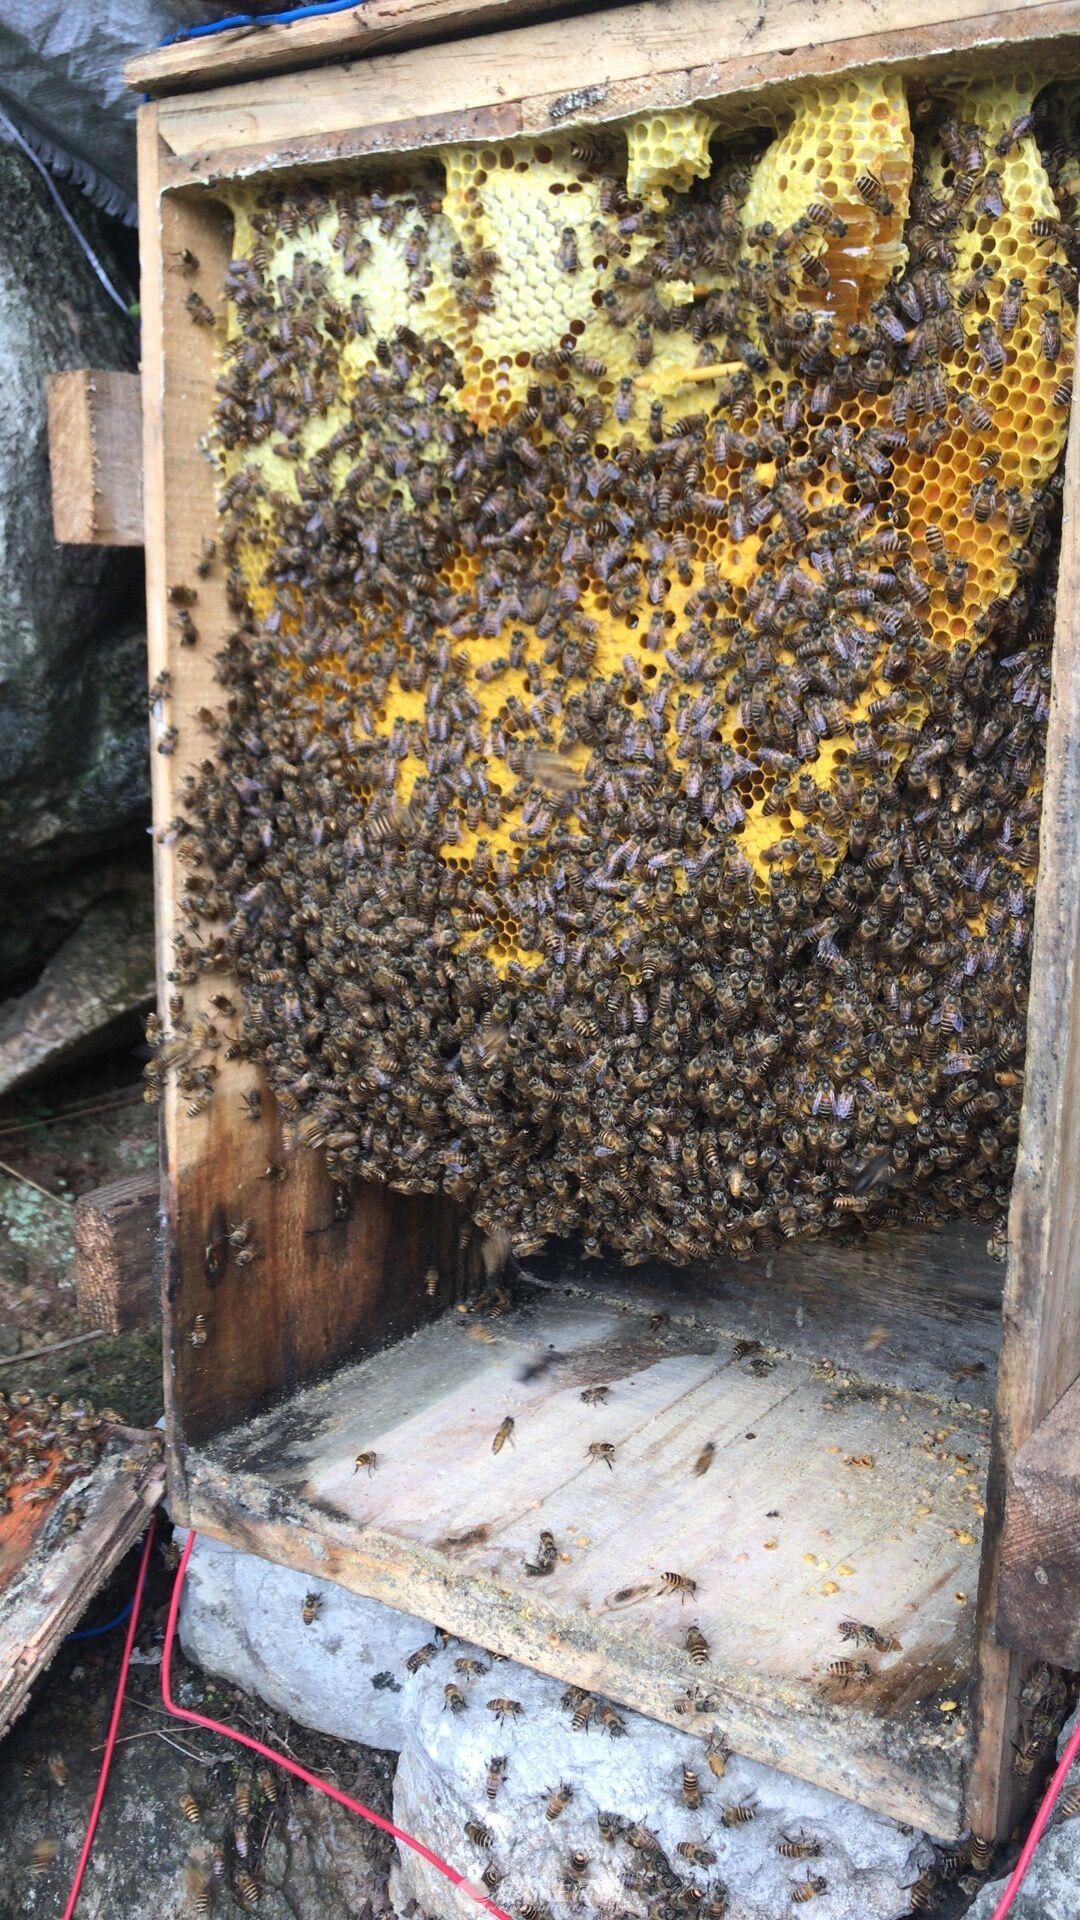 出售中华蜜蜂,野生蜂蜜